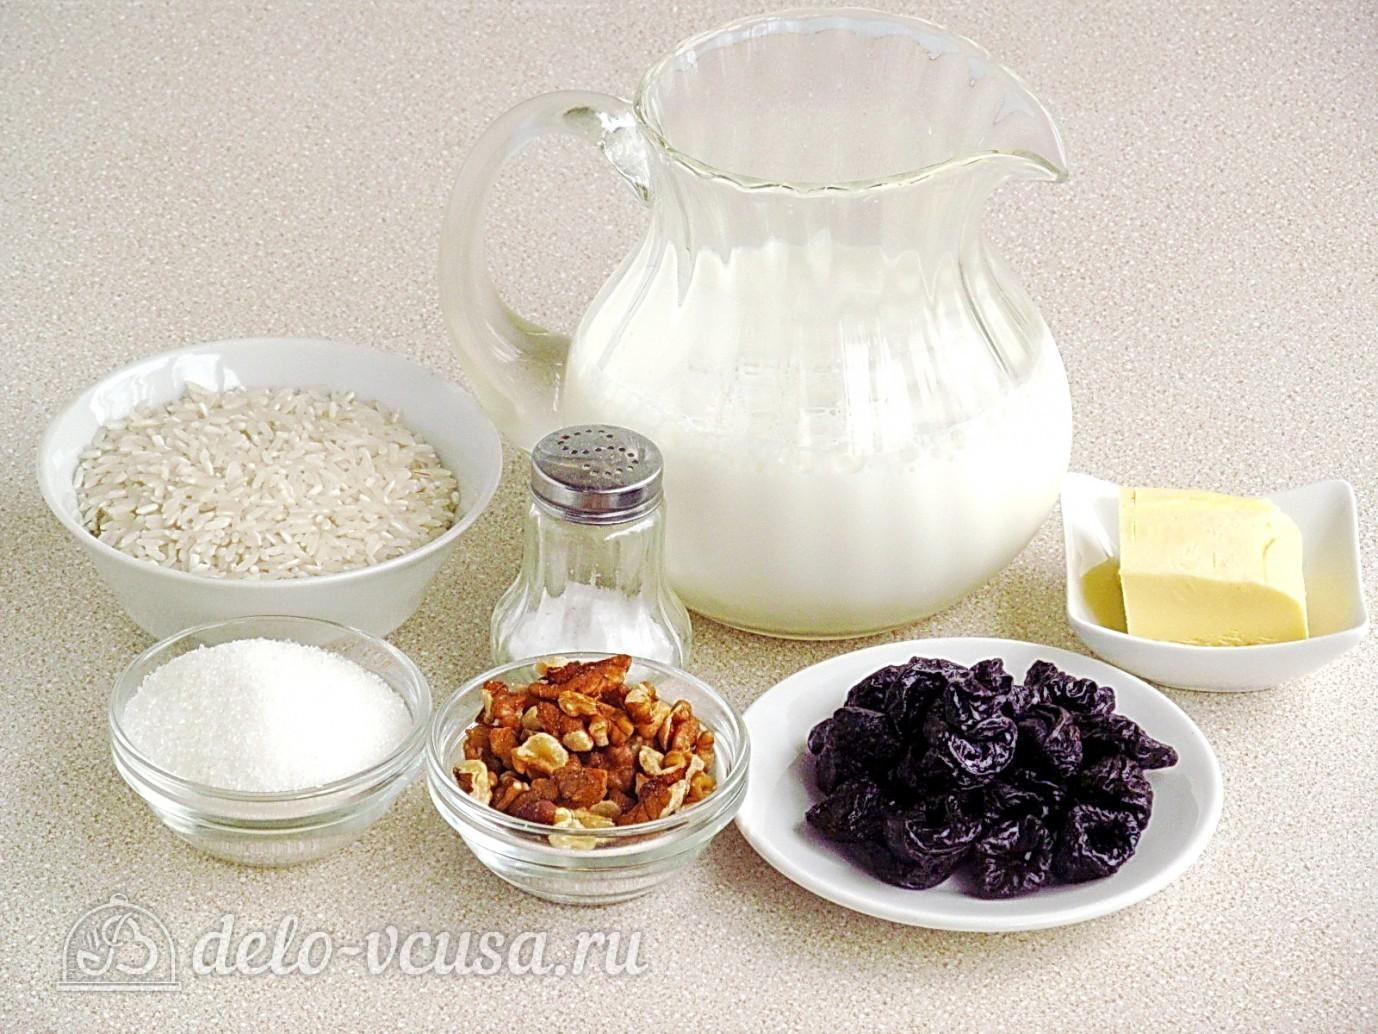 видео рисовая каша в мультиварке на молоке рецепт